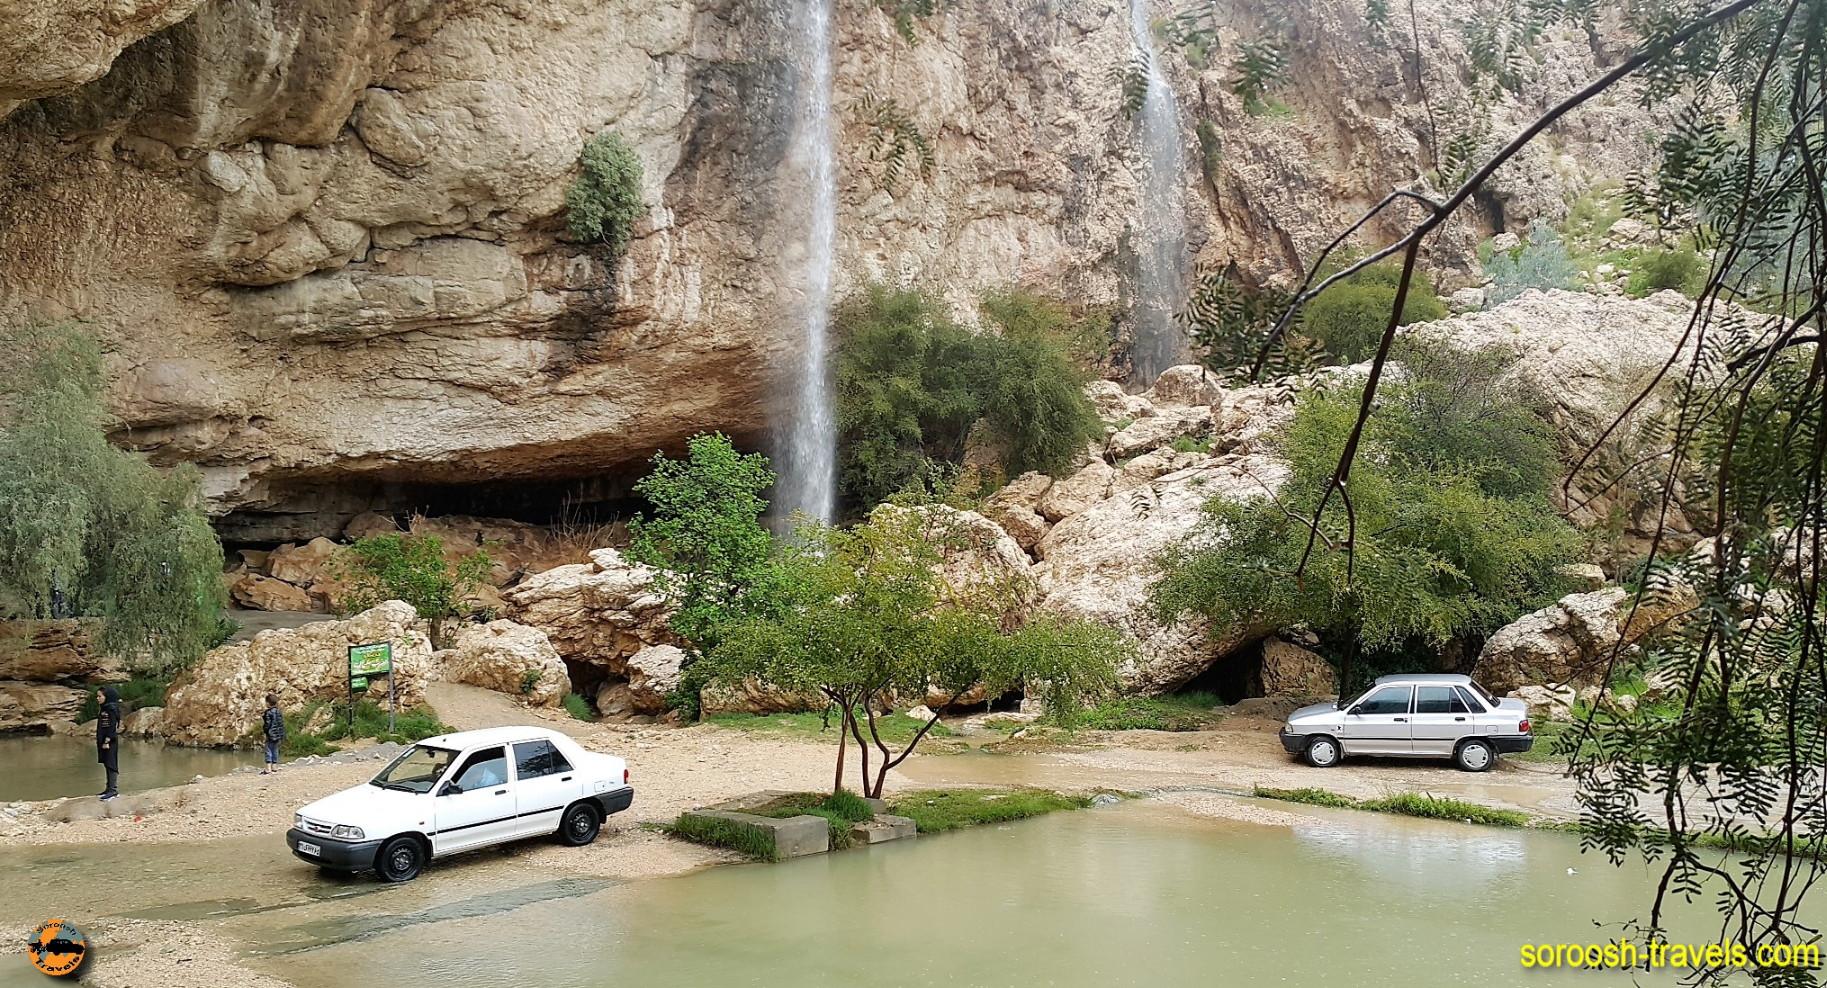 آبشار دوساری از آبشارهای زیبای ایران – نوروز ۱۳۹۶